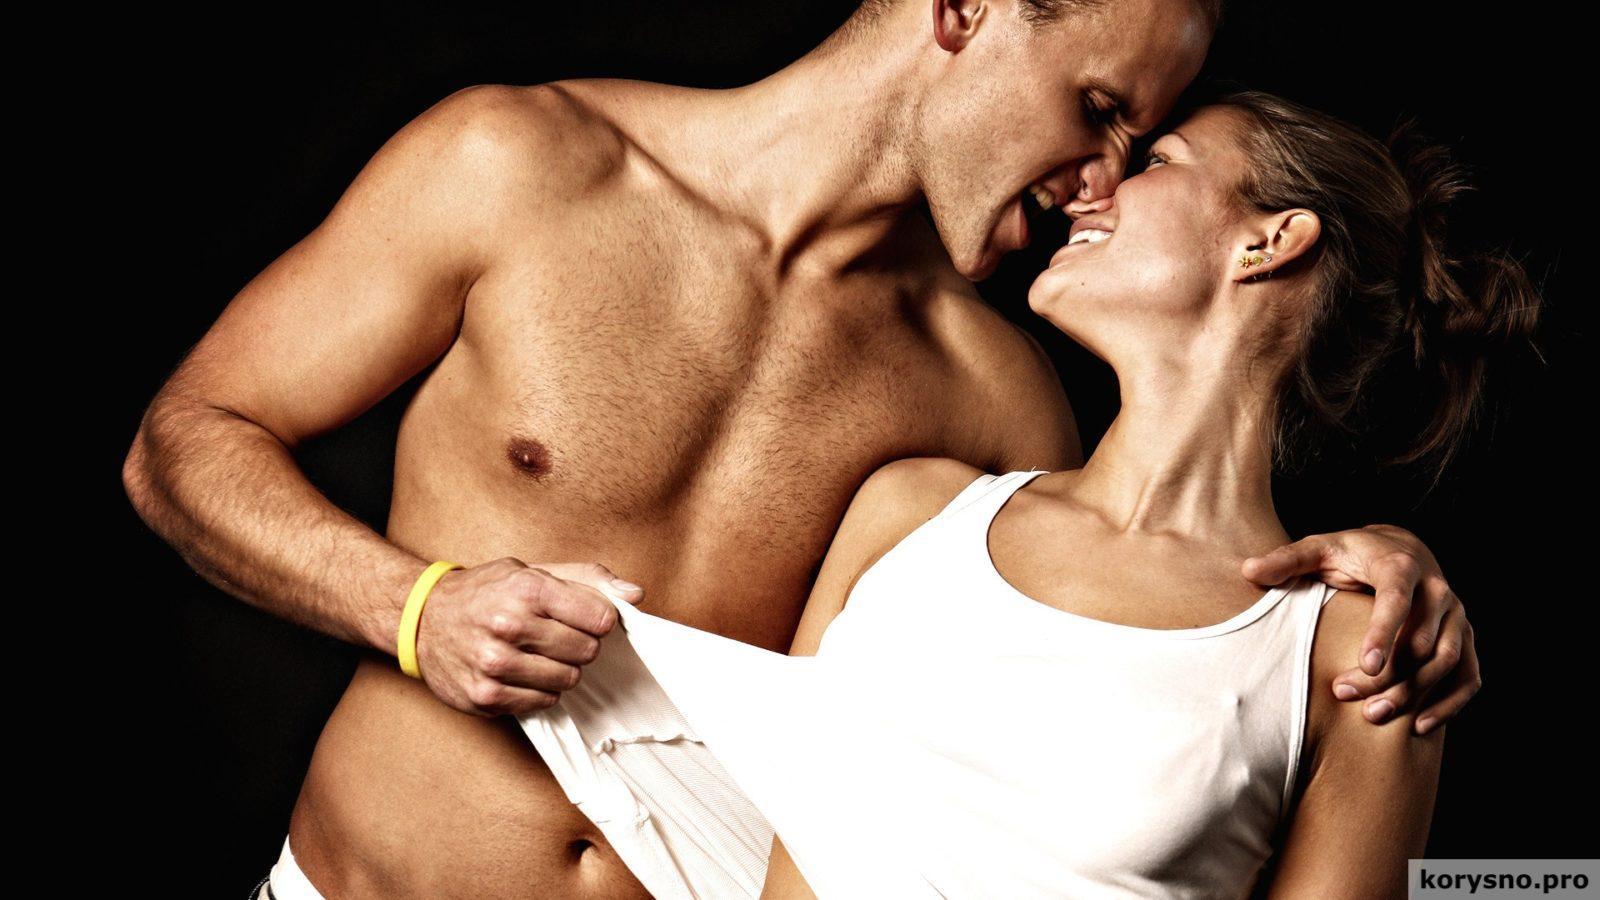 Смотреть онлайн сексуальные мужчины